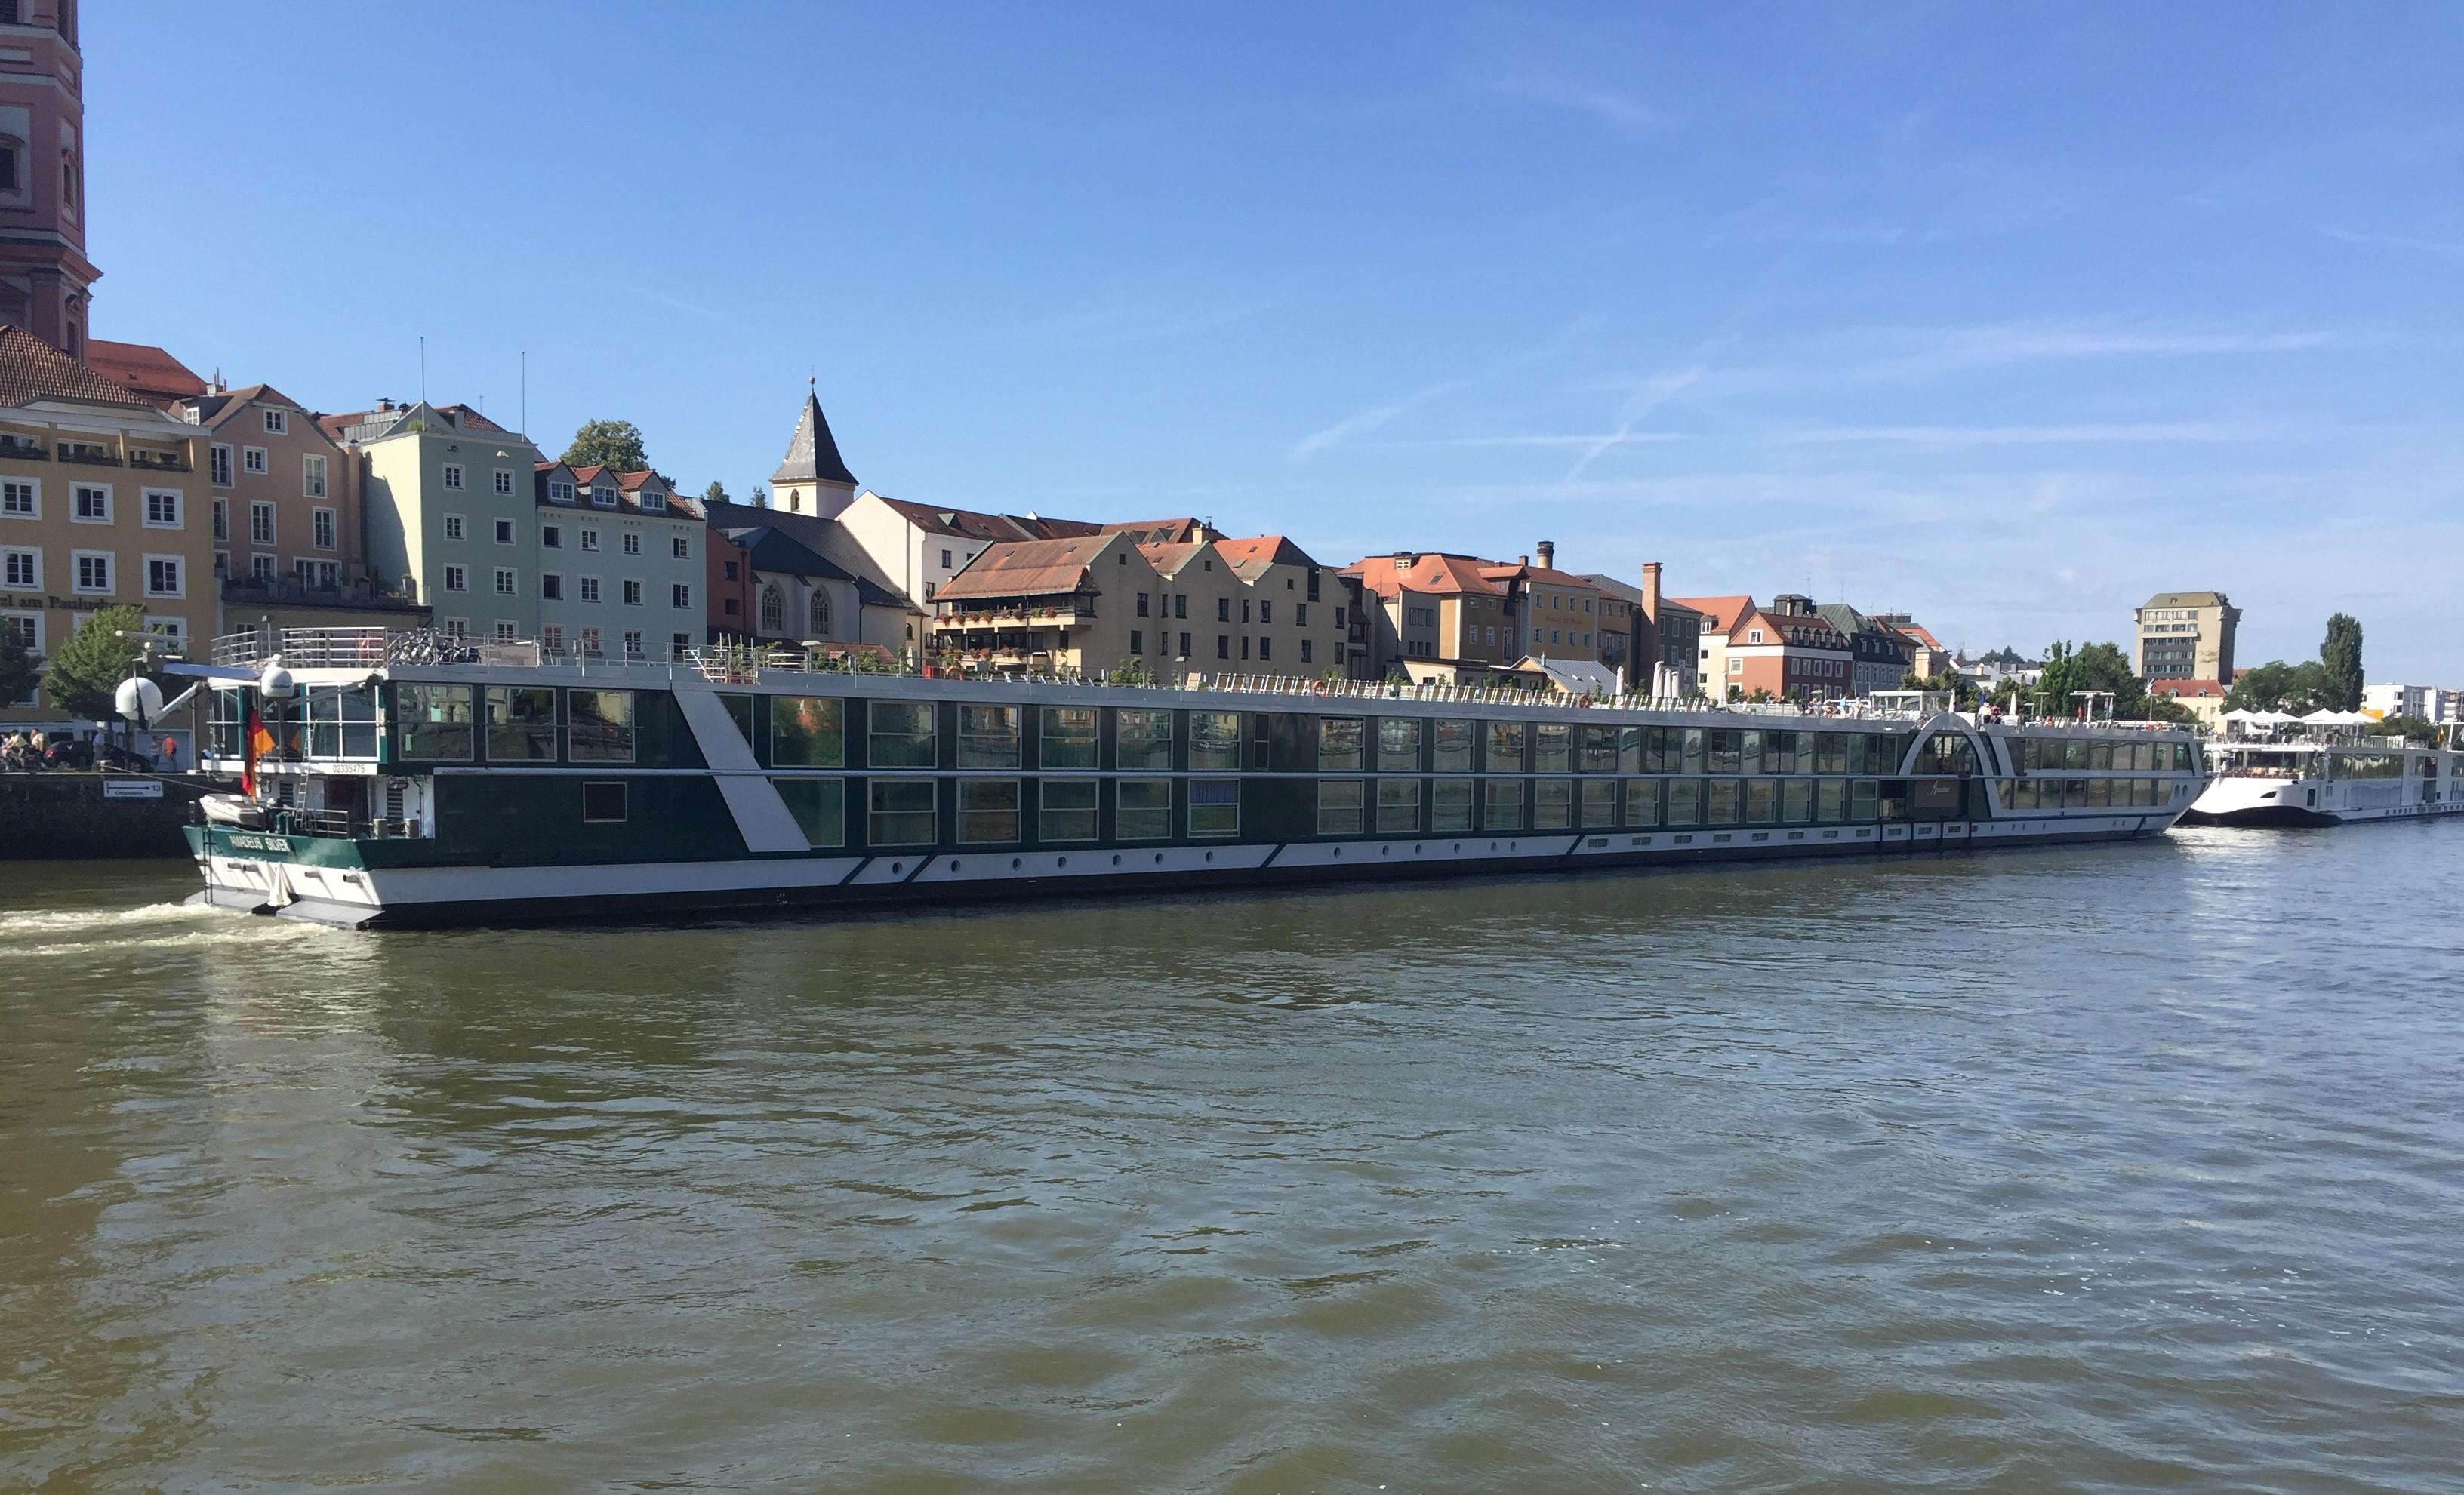 20160814 3 Passau (8)